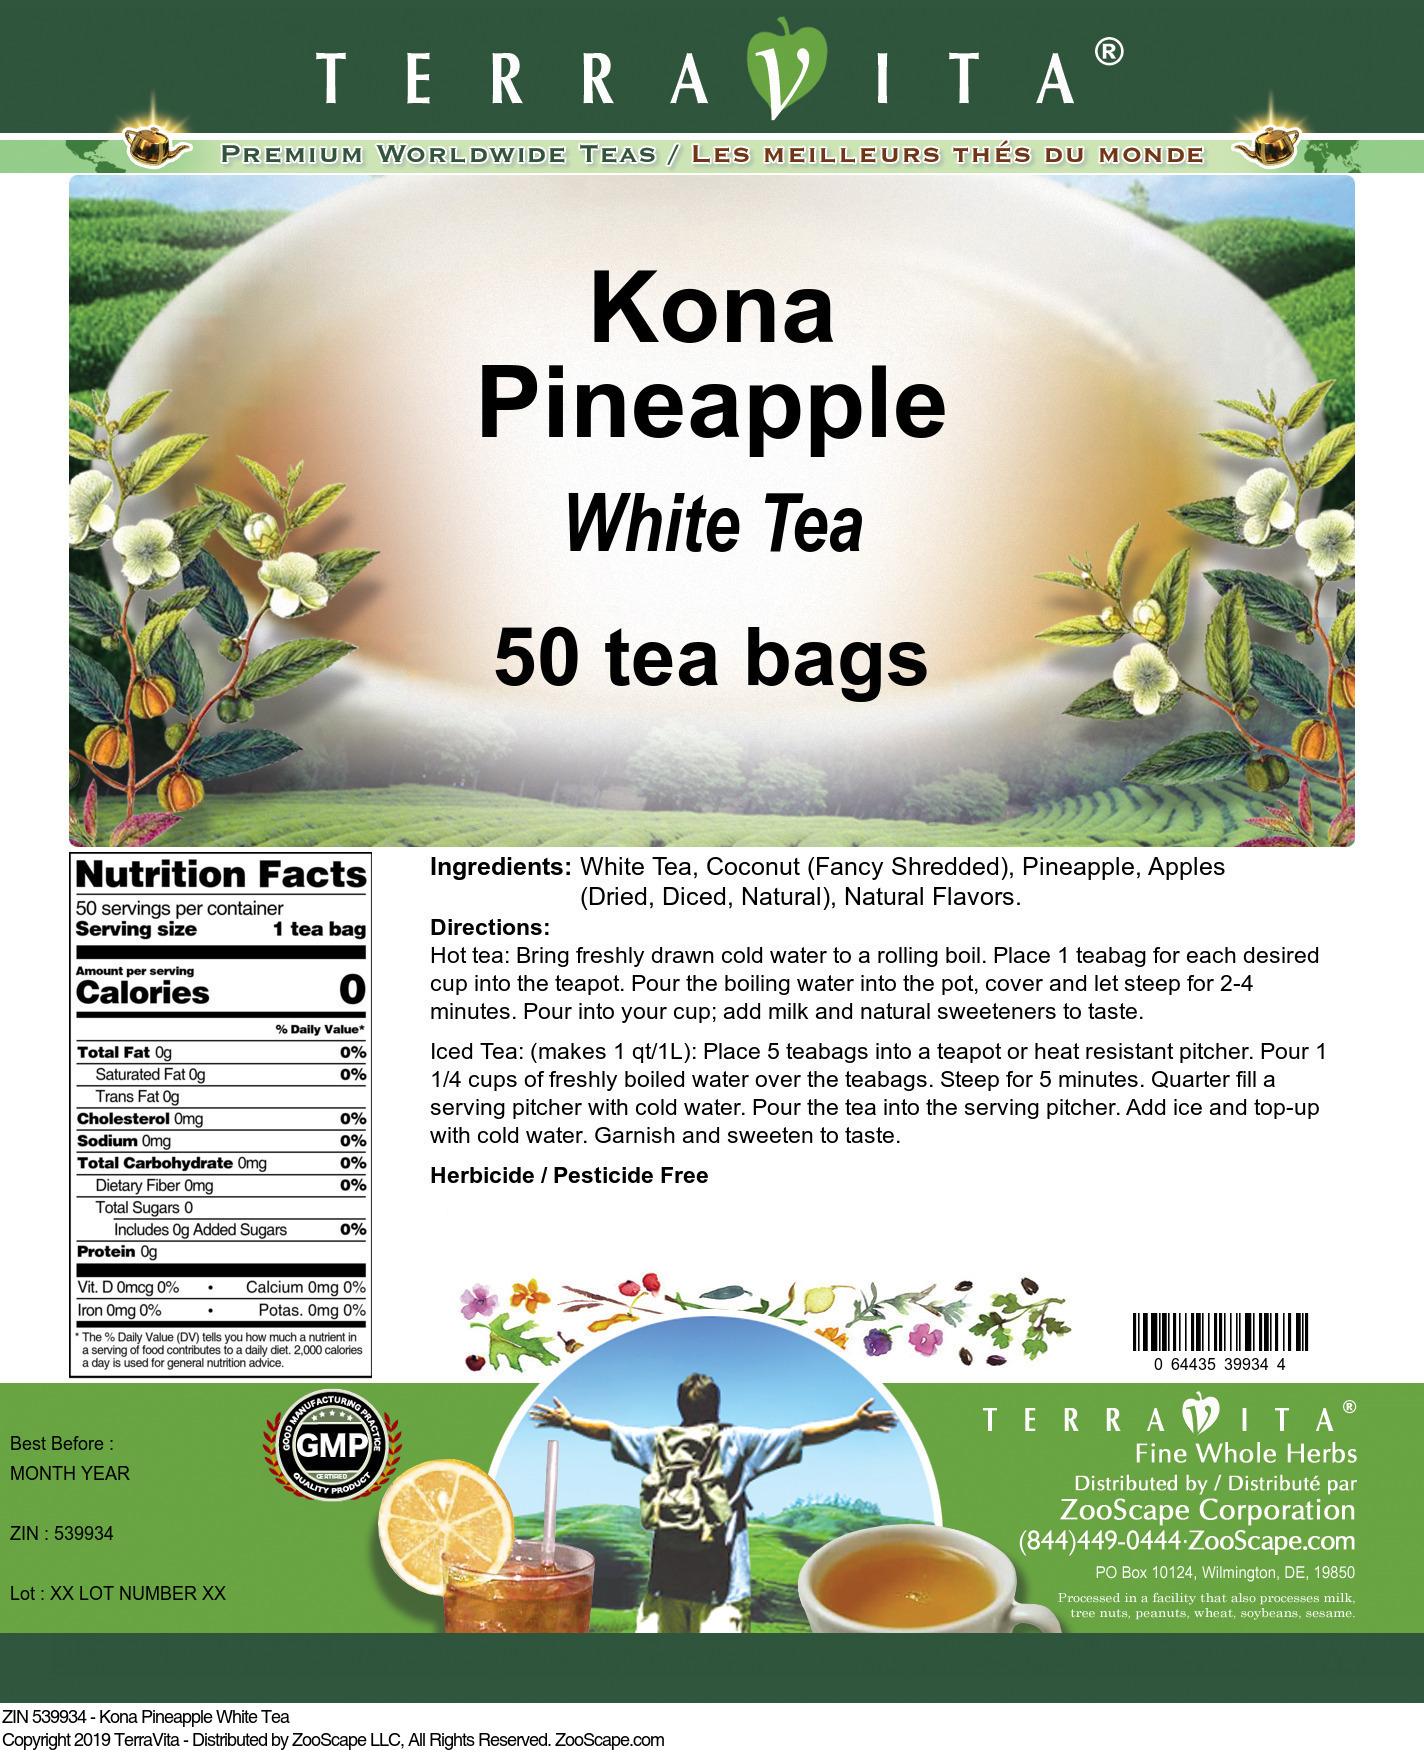 Kona Pineapple White Tea